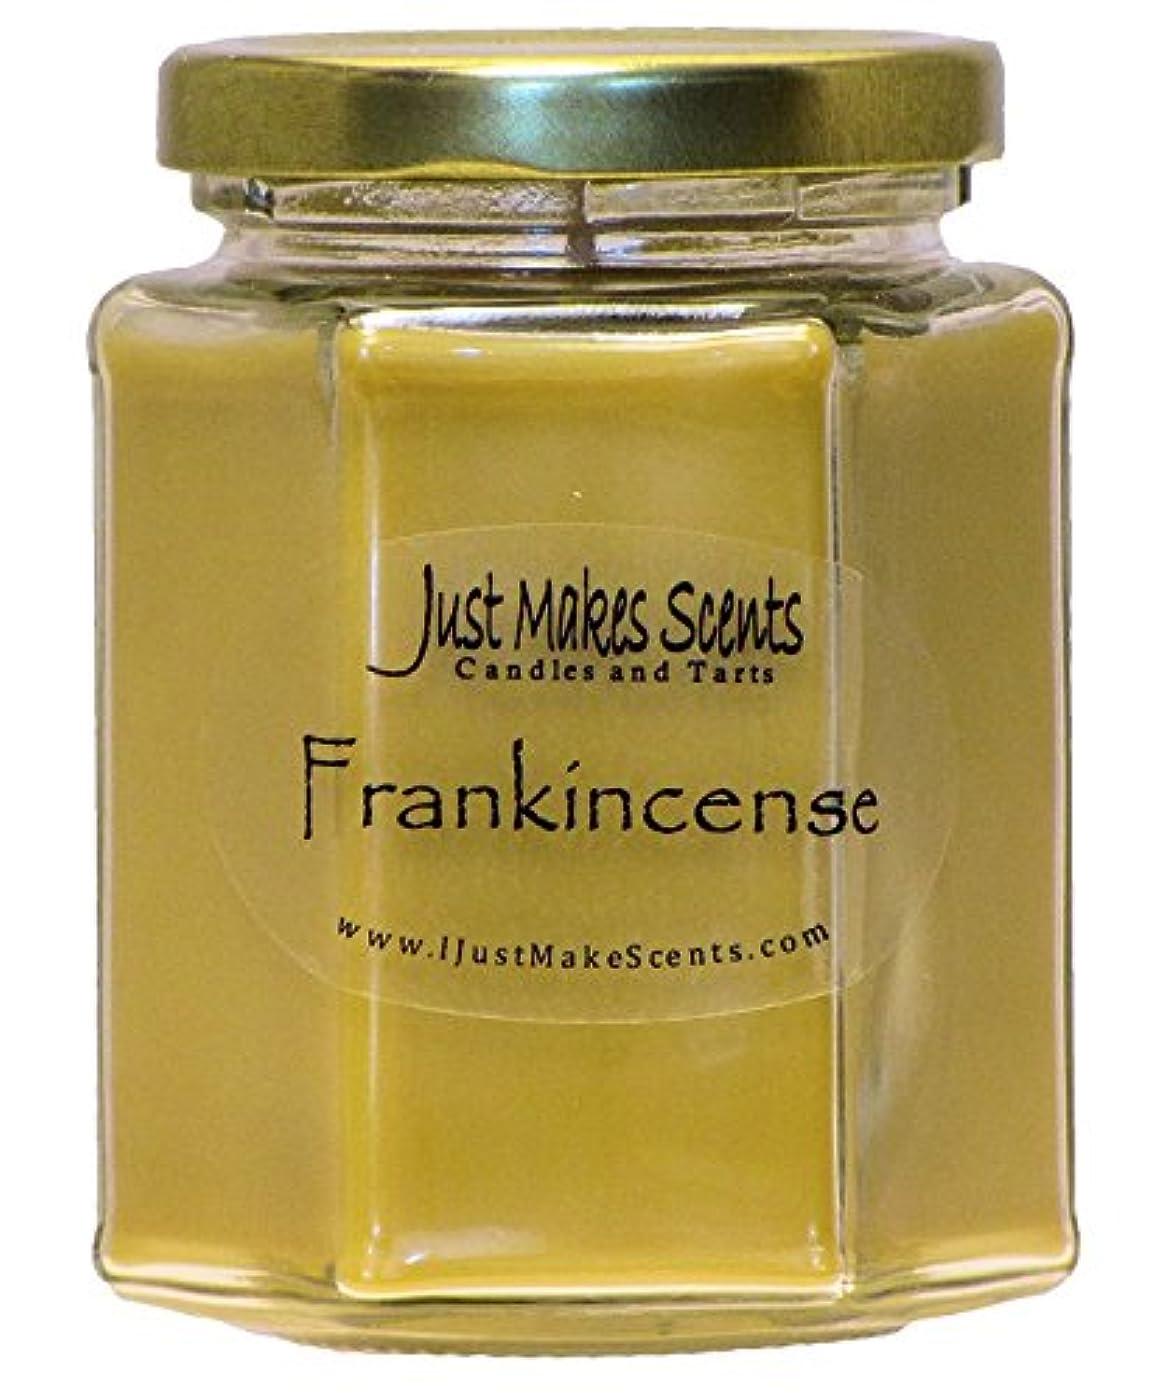 発見する逆説提案するFrankincense香りつきBlended Soy Candle by Just Makes Scents